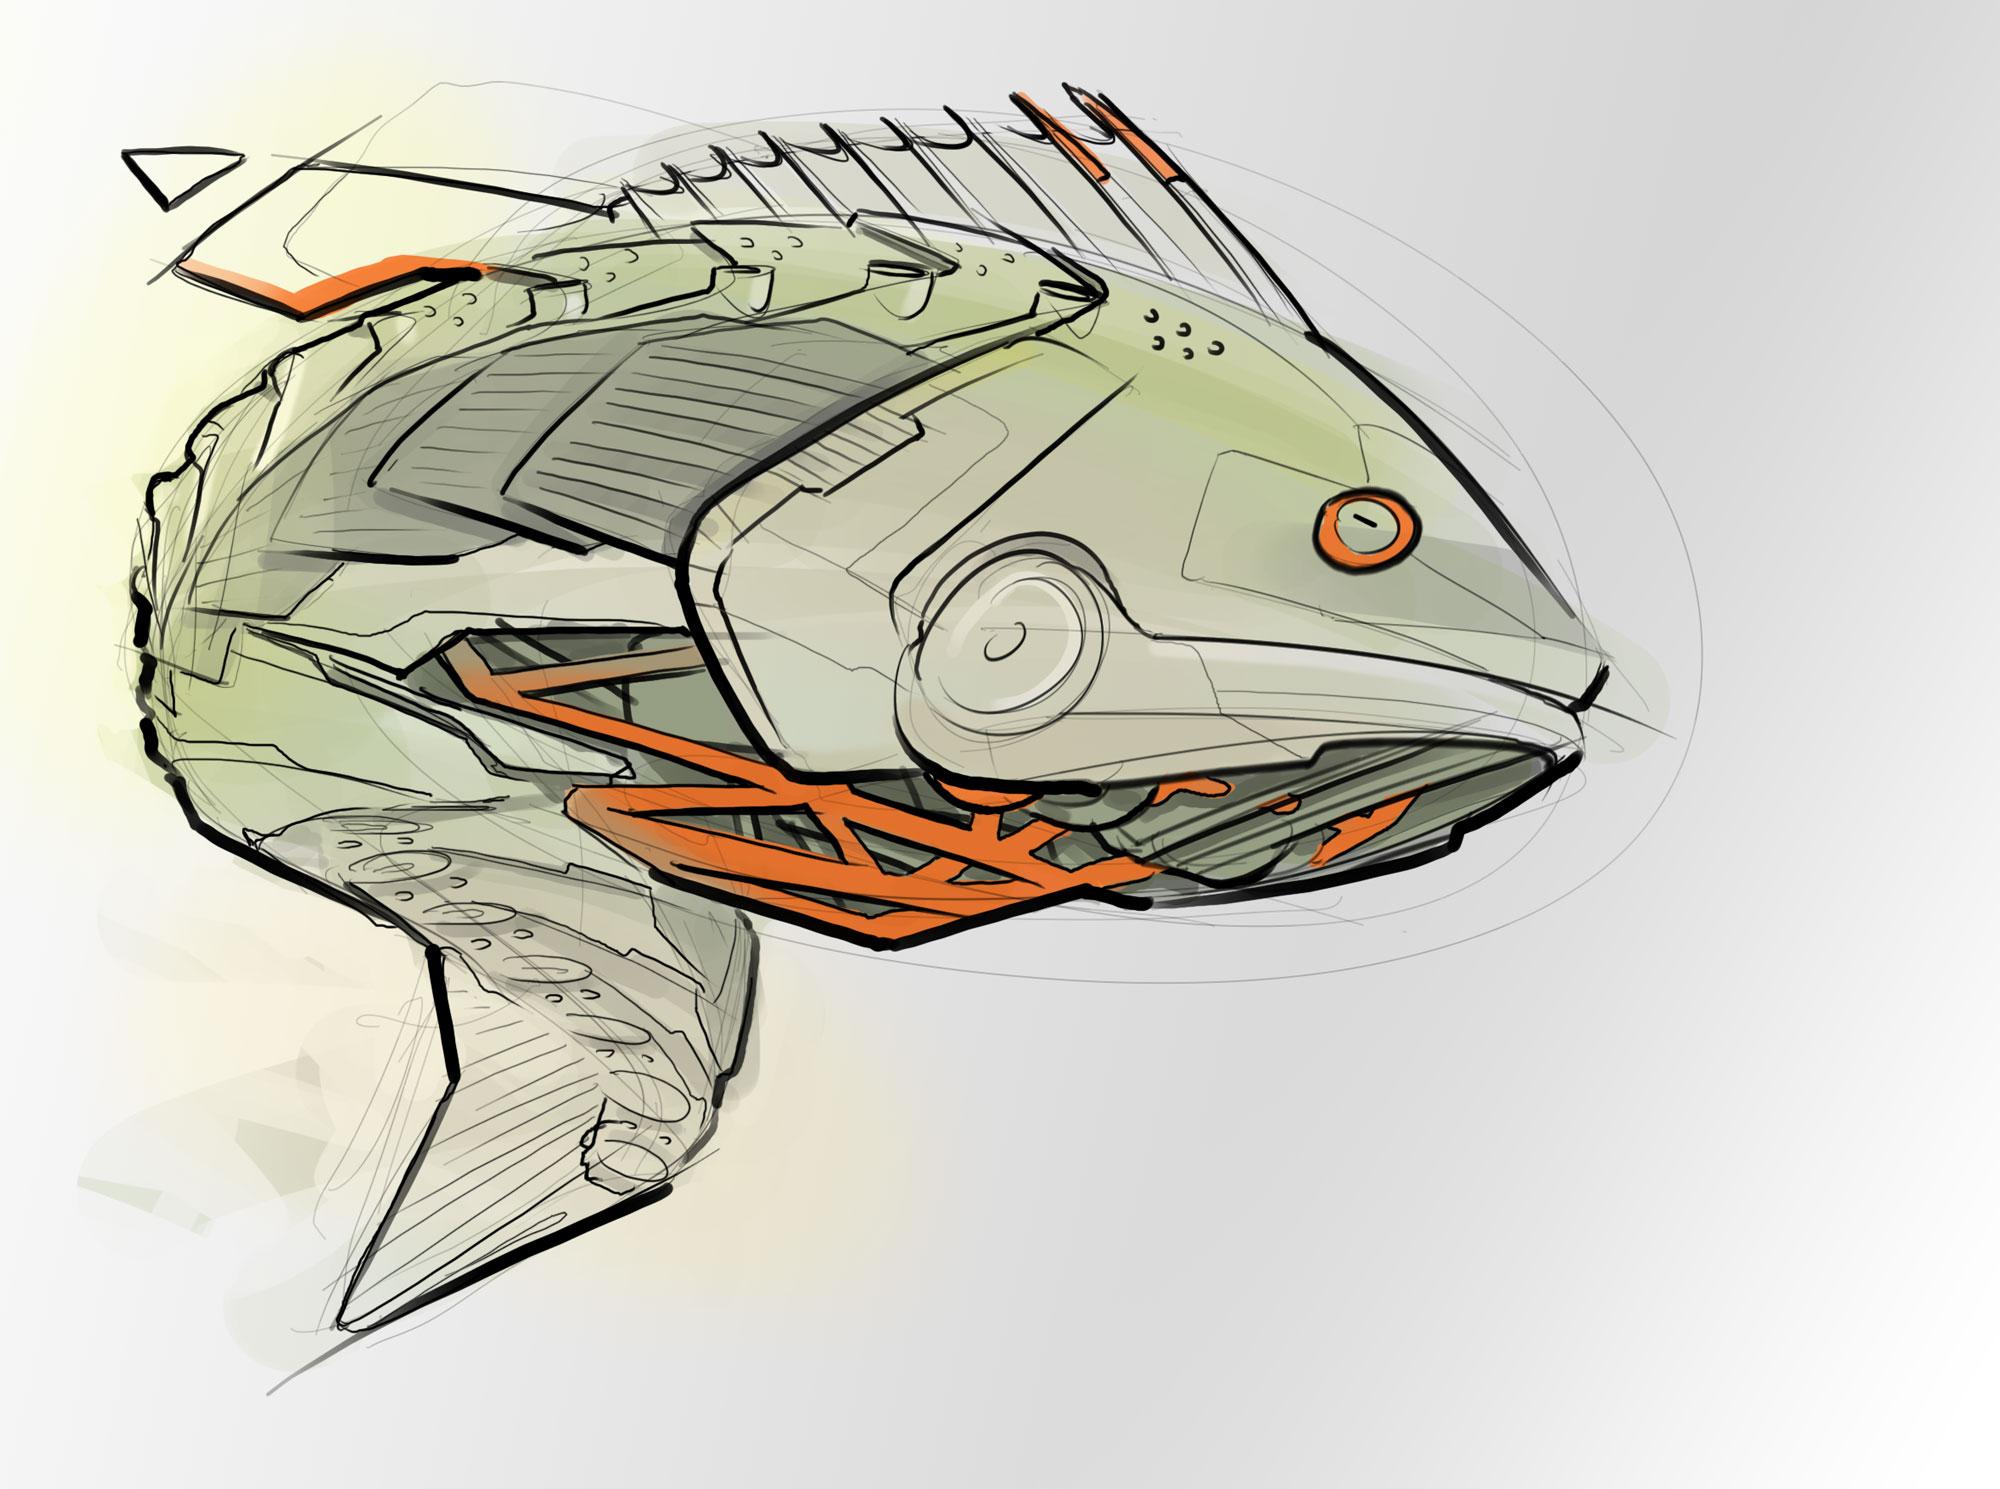 hight resolution of 2000x1489 robot bass concept sketch bass fish sketch